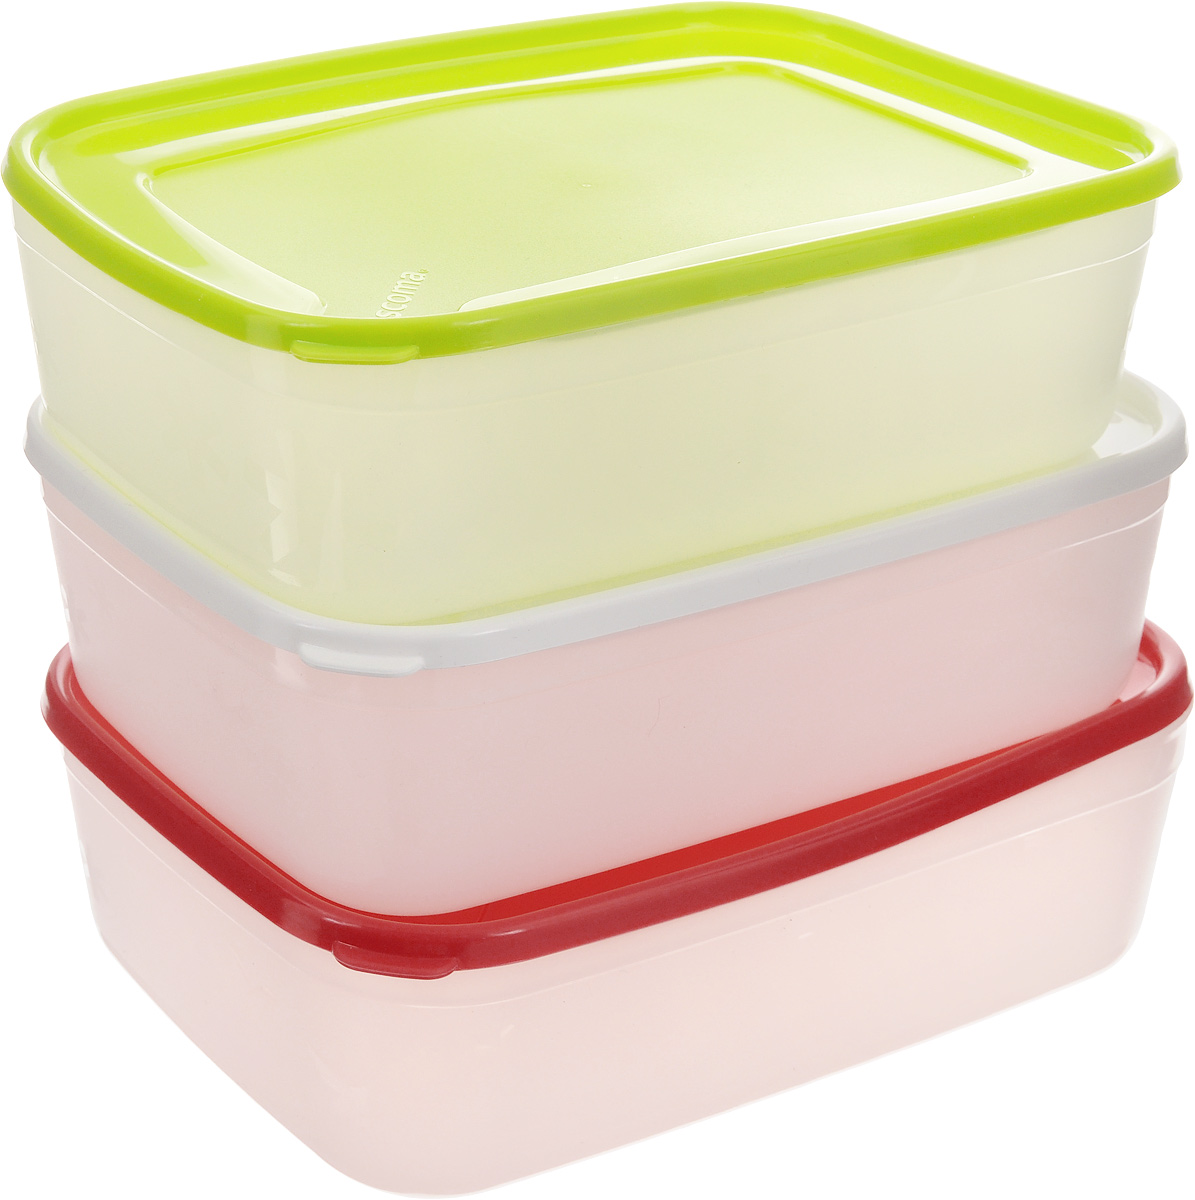 Набор контейнеров для заморозки Tescoma Purity, 1,5 л, 3 штVT-1520(SR)Набор Tescoma Purity, выполненный из высококачественного пищевого пластика, состоит из трех контейнеров с плотно закрывающимися цветными крышками. Изделия отлично подходят для хранения продуктов в морозильной камере или холодильнике. Контейнеры удобно складываются друг в друга, что экономит пространство при хранении в шкафу.Пригодны для морозильников, холодильников, микроволновых печей. При использовании в микроволновой печи всегда оставляйте крышку приоткрытой. Можно мыть в посудомоечной машине. Объем контейнера: 1,5 л.Размер контейнера (без учета крышки): 21 х 14,5 х 6,7 см.